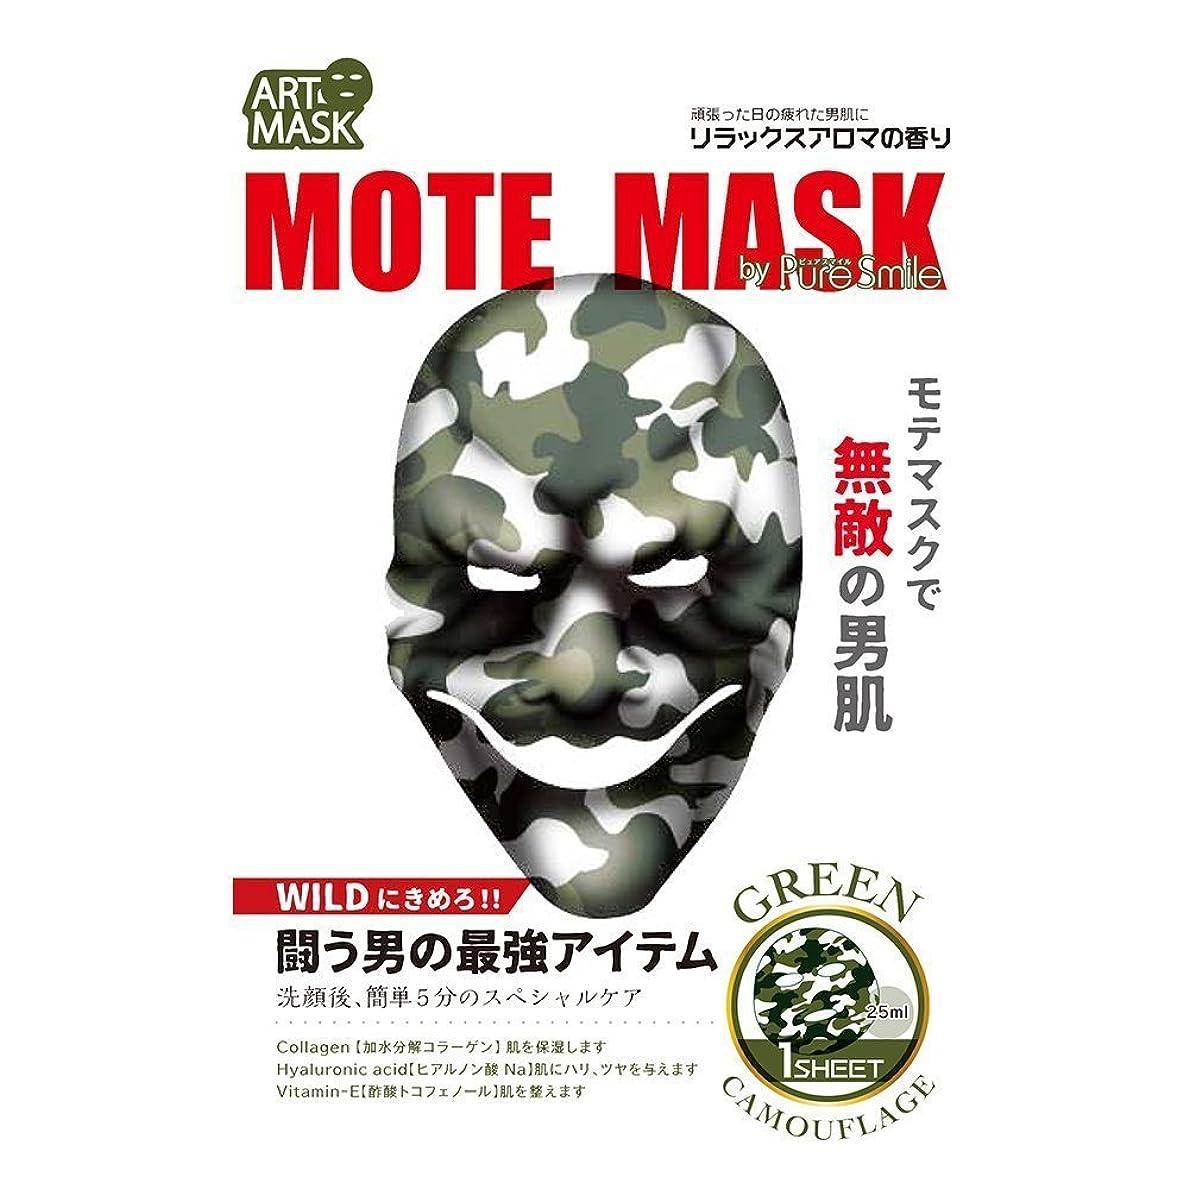 暖かく息を切らして飲食店ピュアスマイル モテマスク ブラックカモフラージュ MA03 【クール】